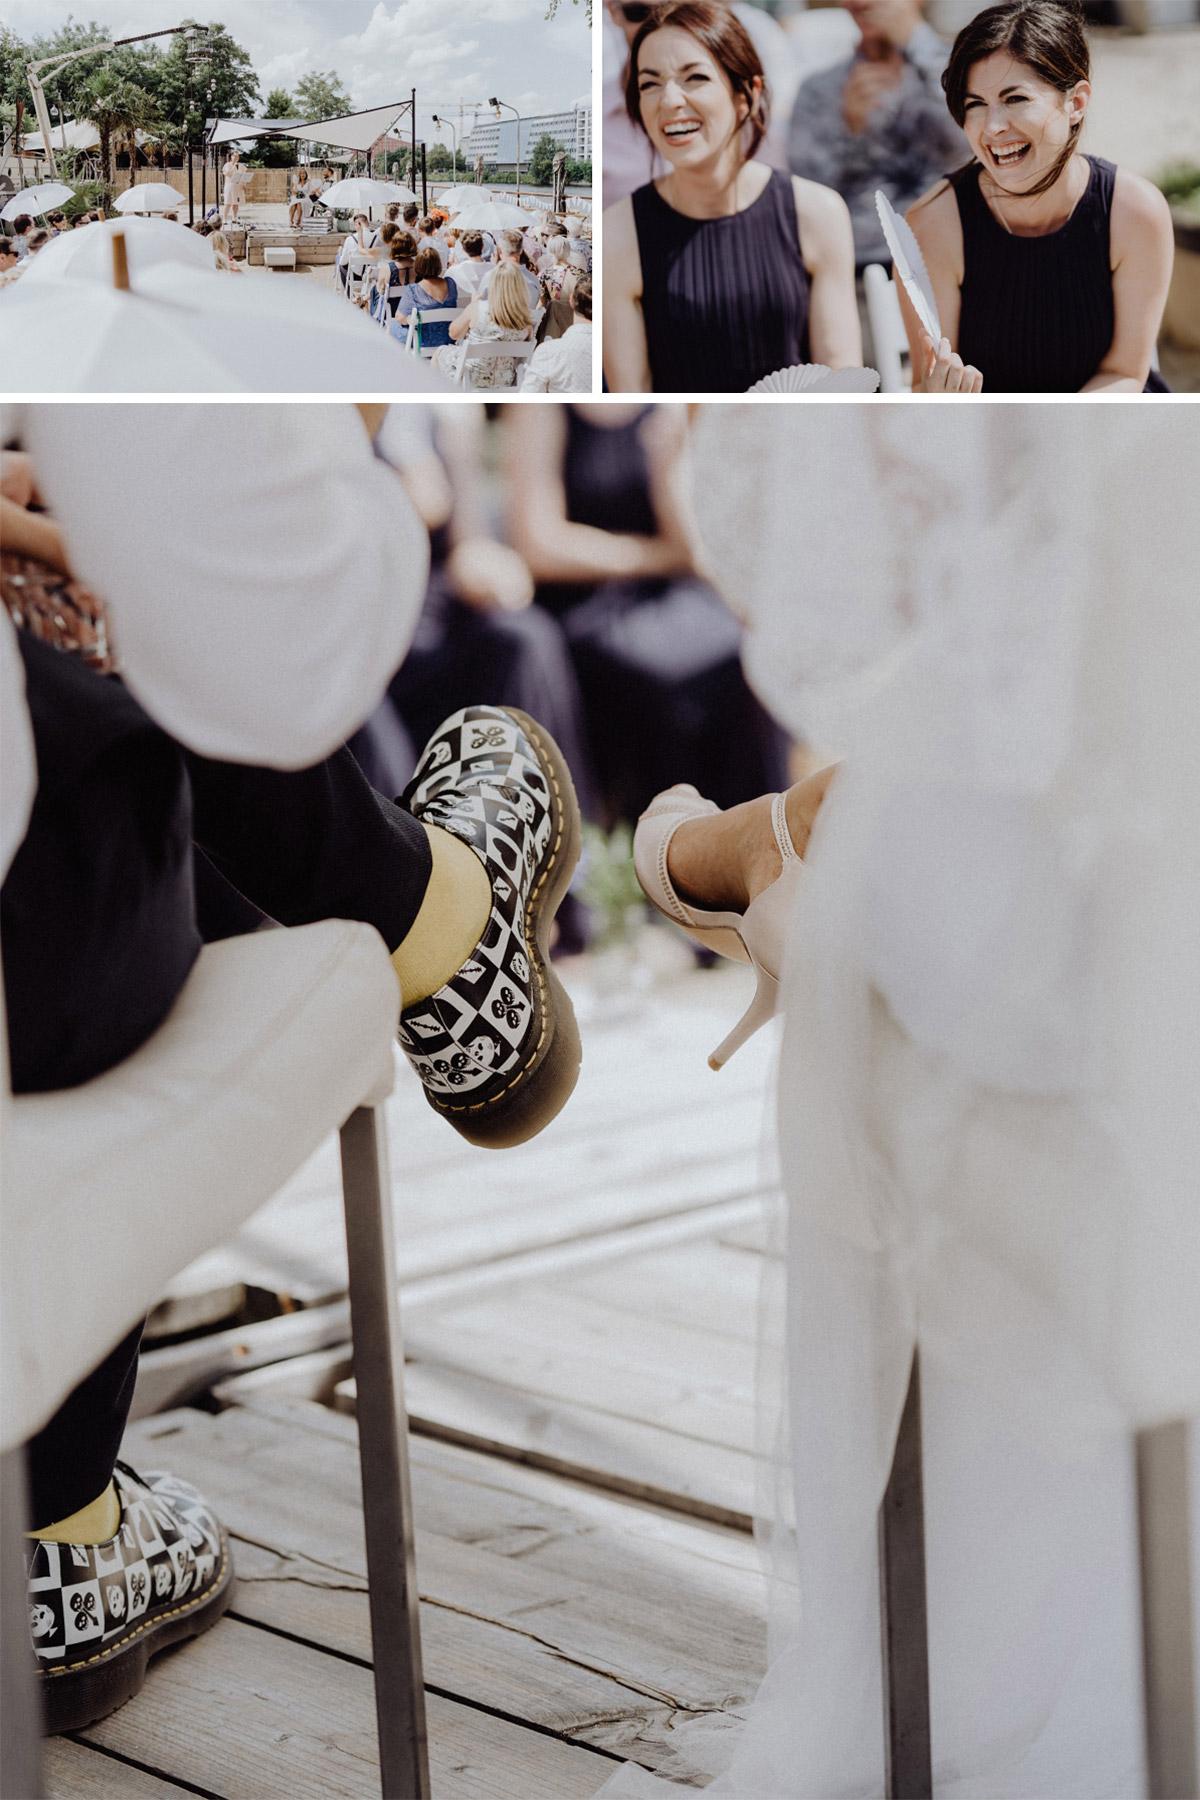 Hochzeitsreportage urbane Hochzeit Berlin - Hochzeitsfotograf in Hochzeitslocation mit Strand an der Spree im Sage Restaurant Berlin © www.hochzeitslicht.de #hochzeitslicht